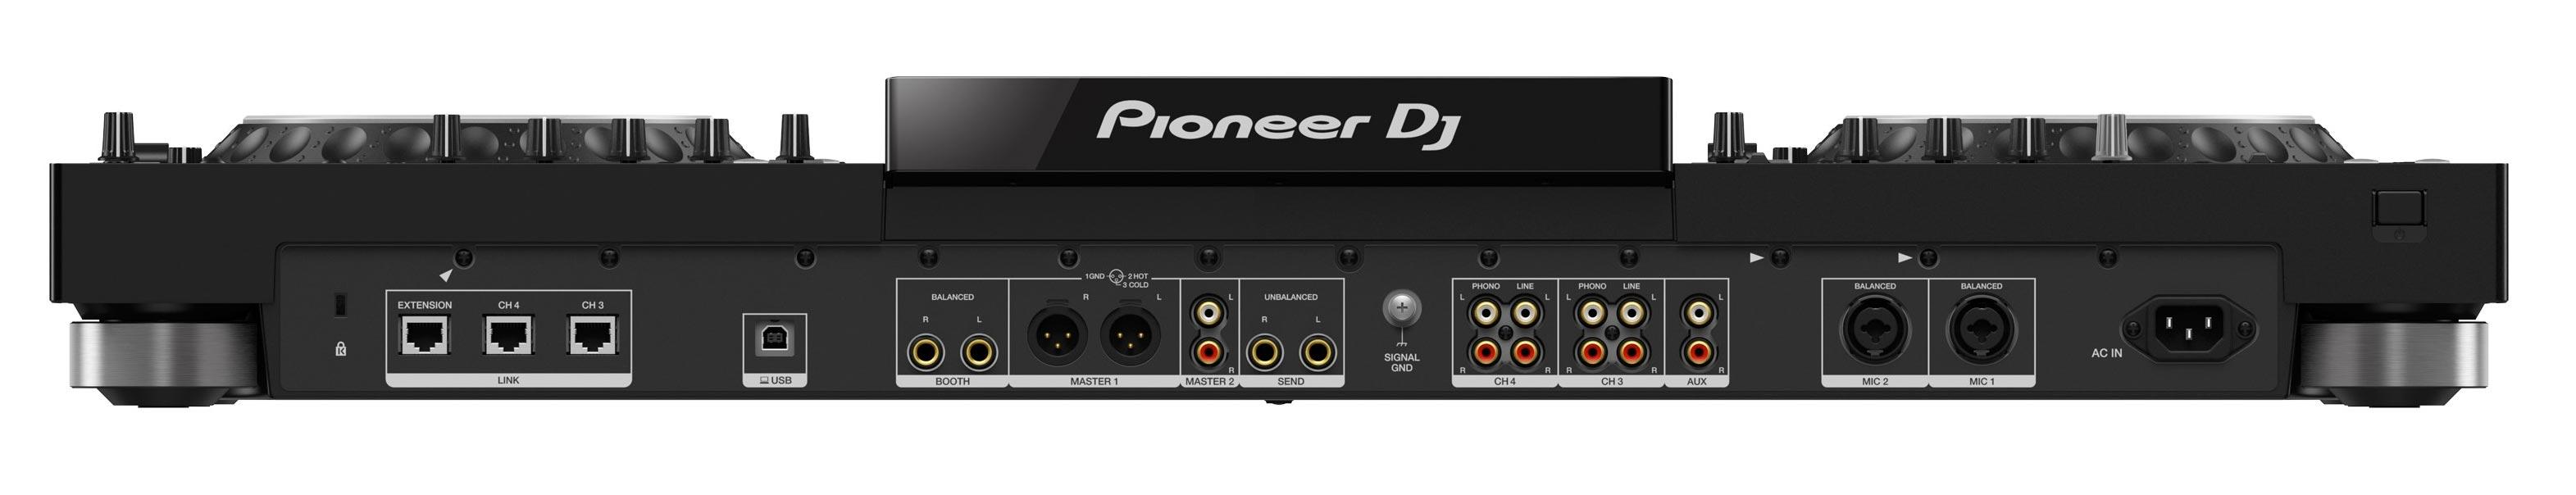 Pioneer Dj XDJ-XZ - Back